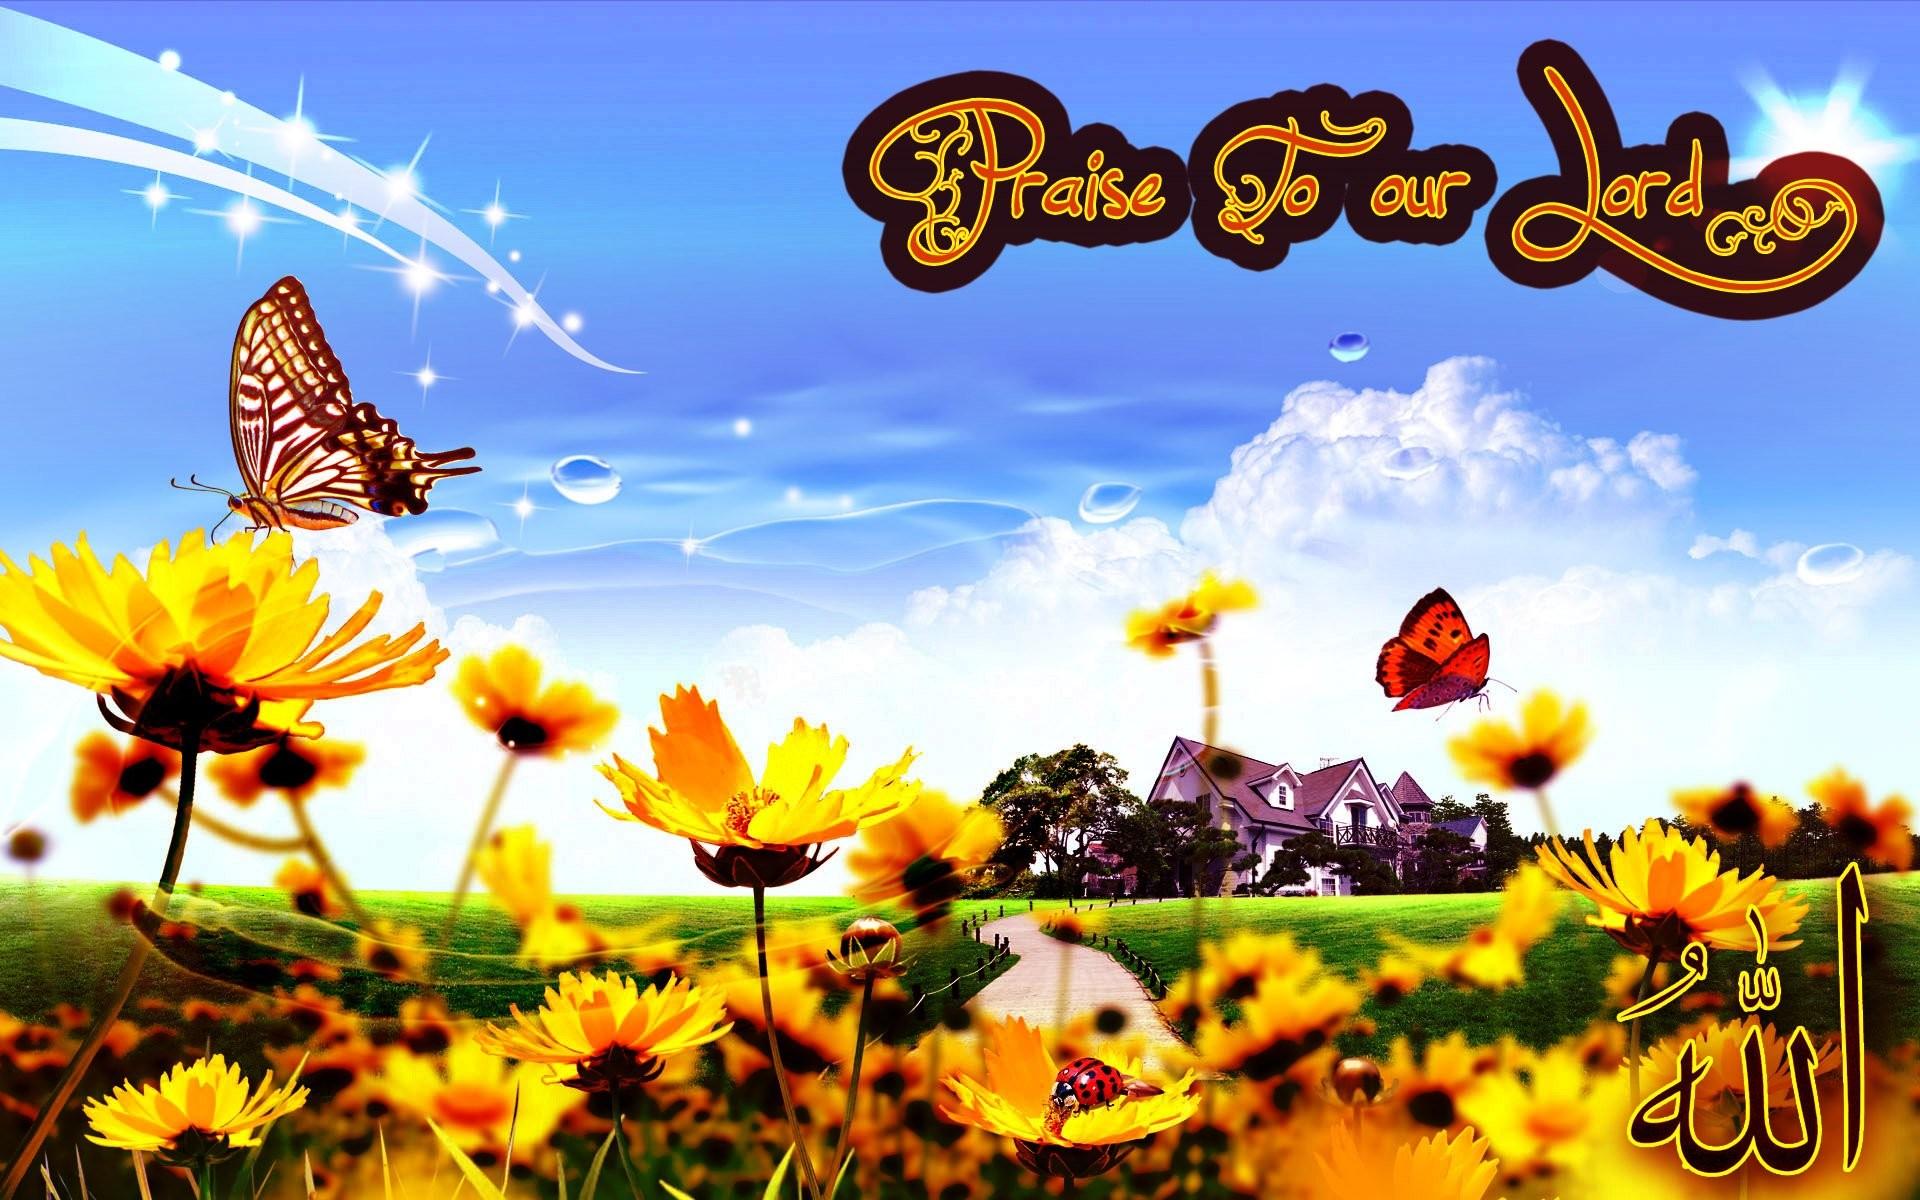 Praise; the sun 307199